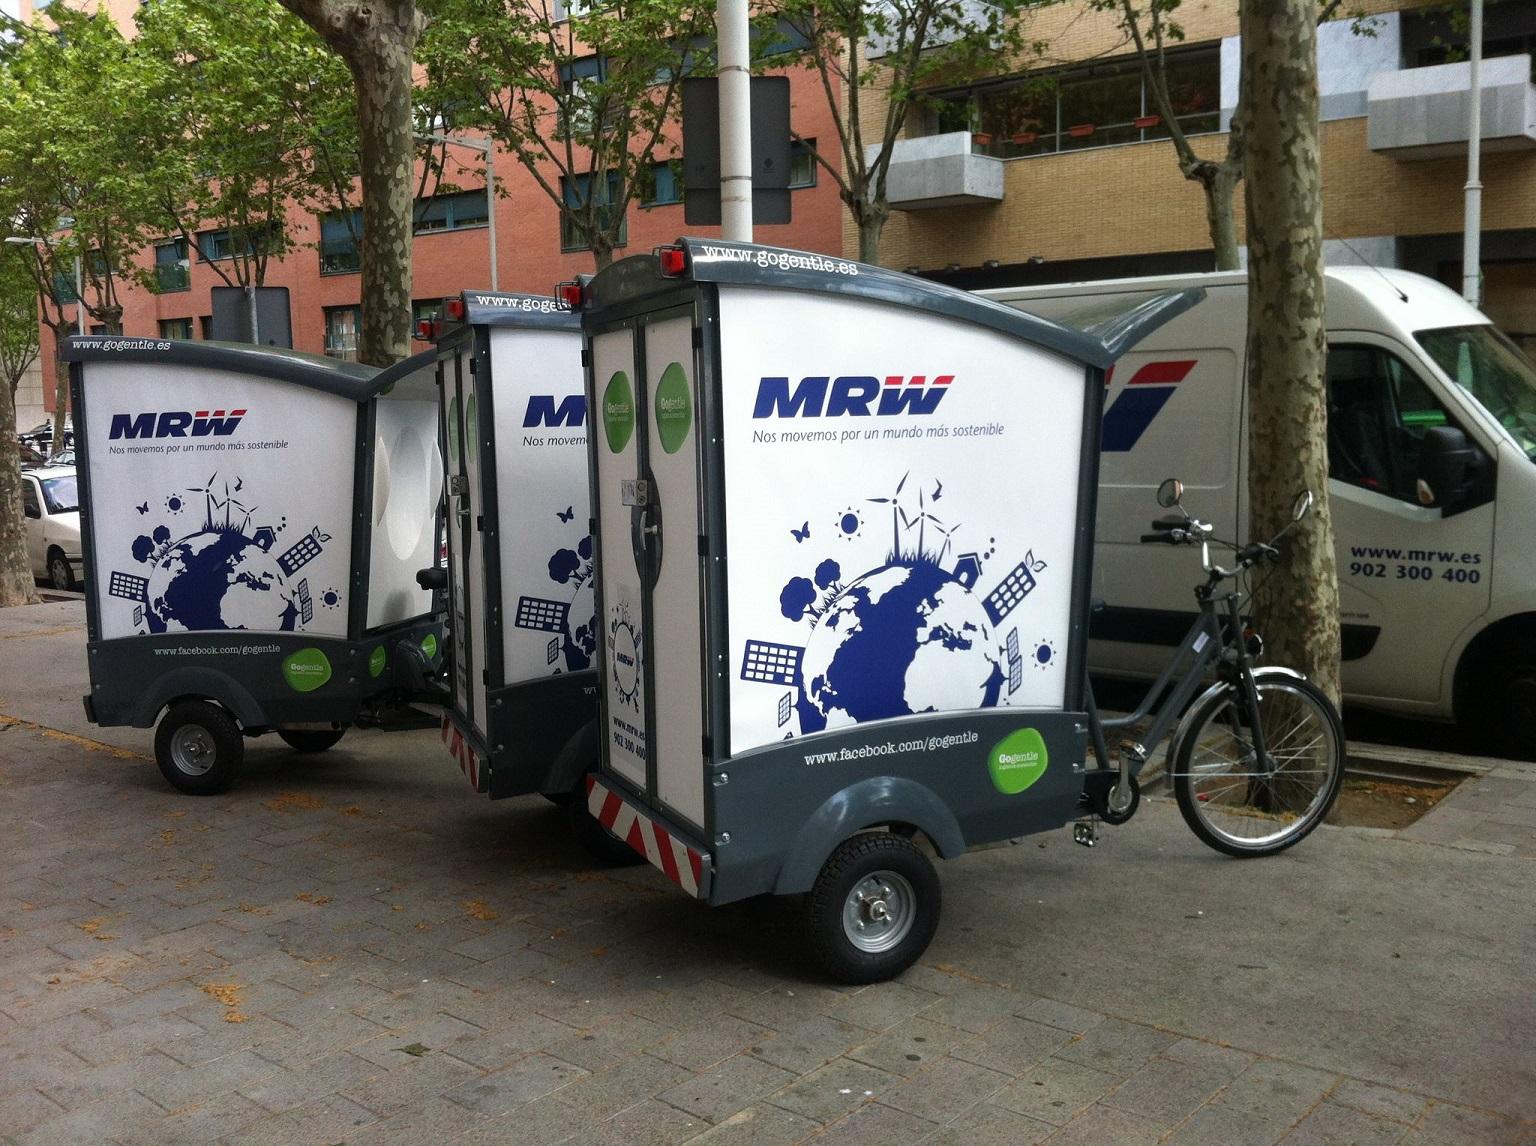 Blog mrw los veh culos m s originales de nuestras franquicias vii blog mrw - Oficina mrw barcelona ...